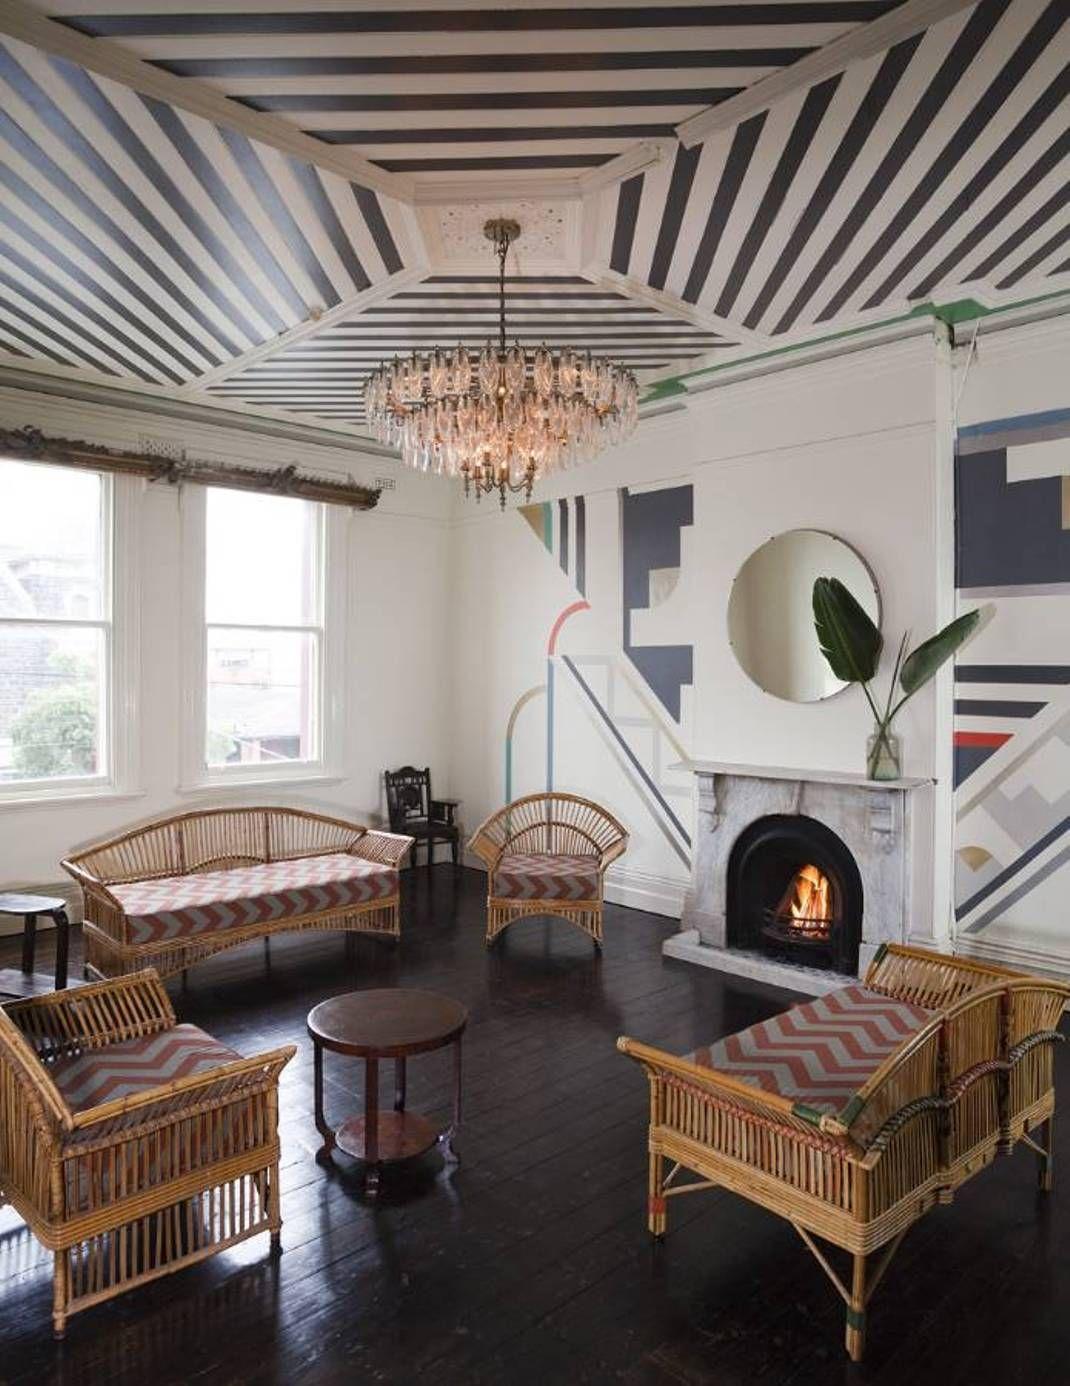 Home Design Et Deco home design and decor , interior ceiling decor ideas : art